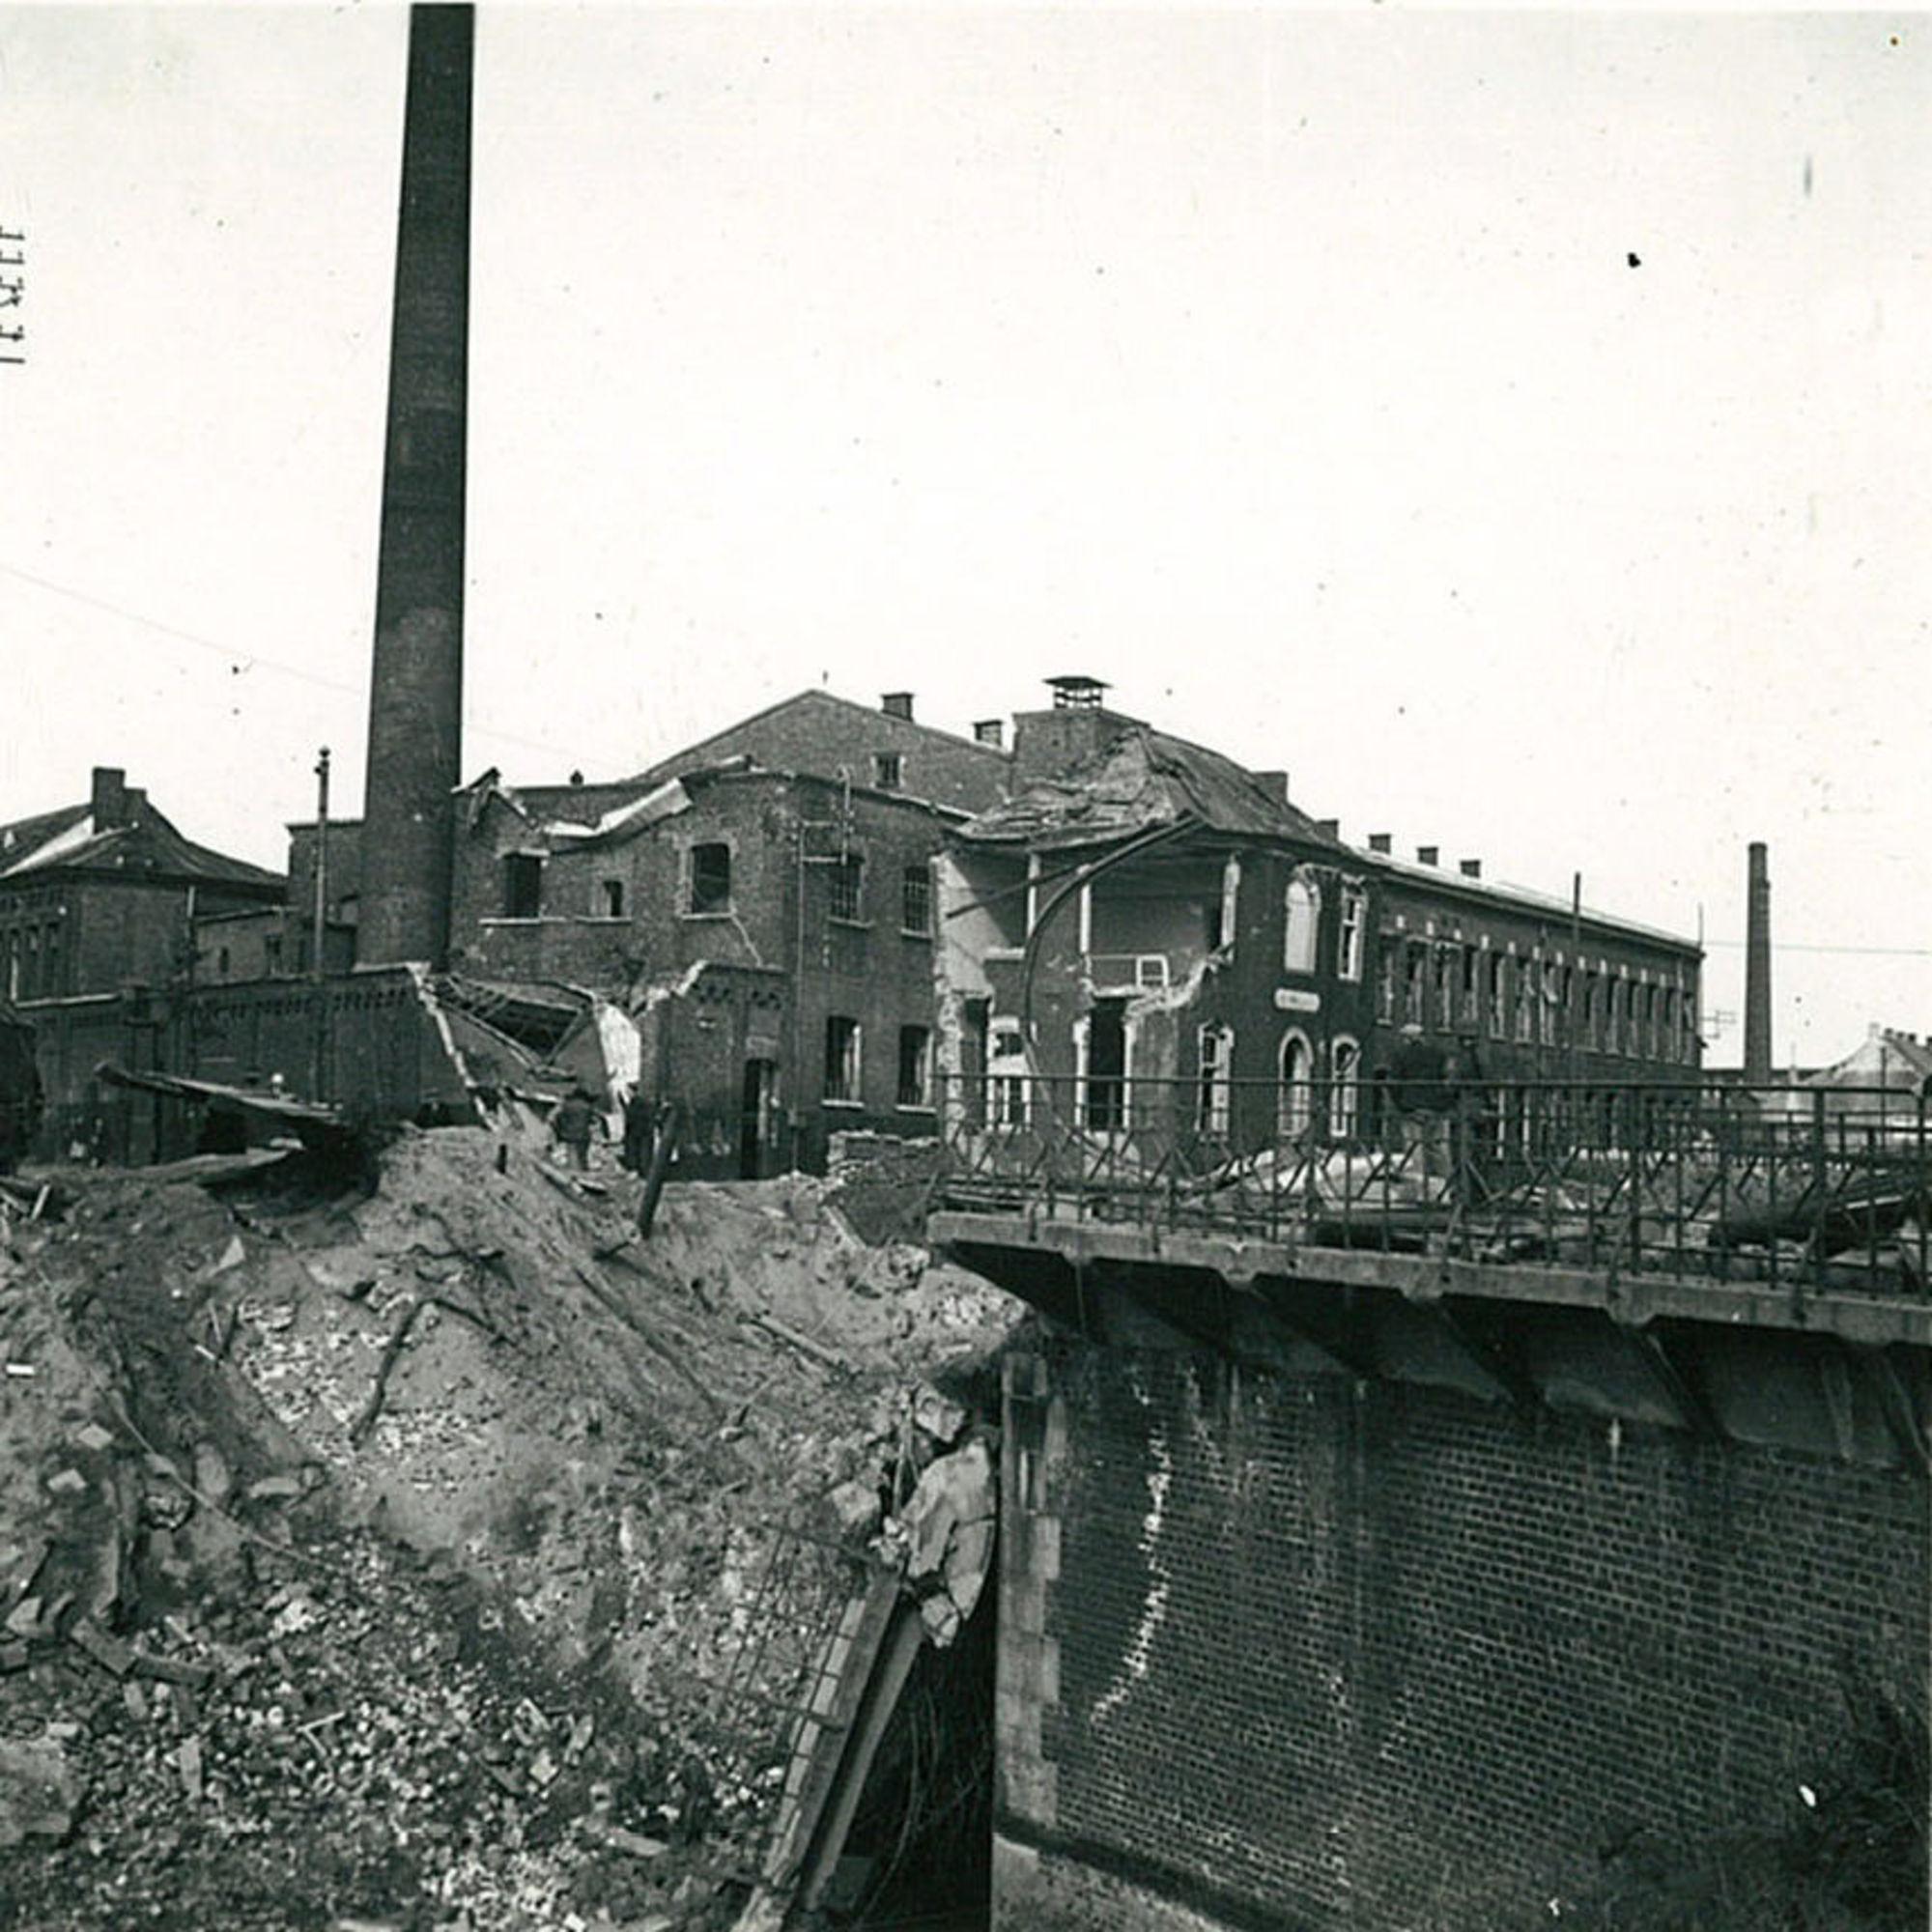 De brug over het kanaal in mei 1940